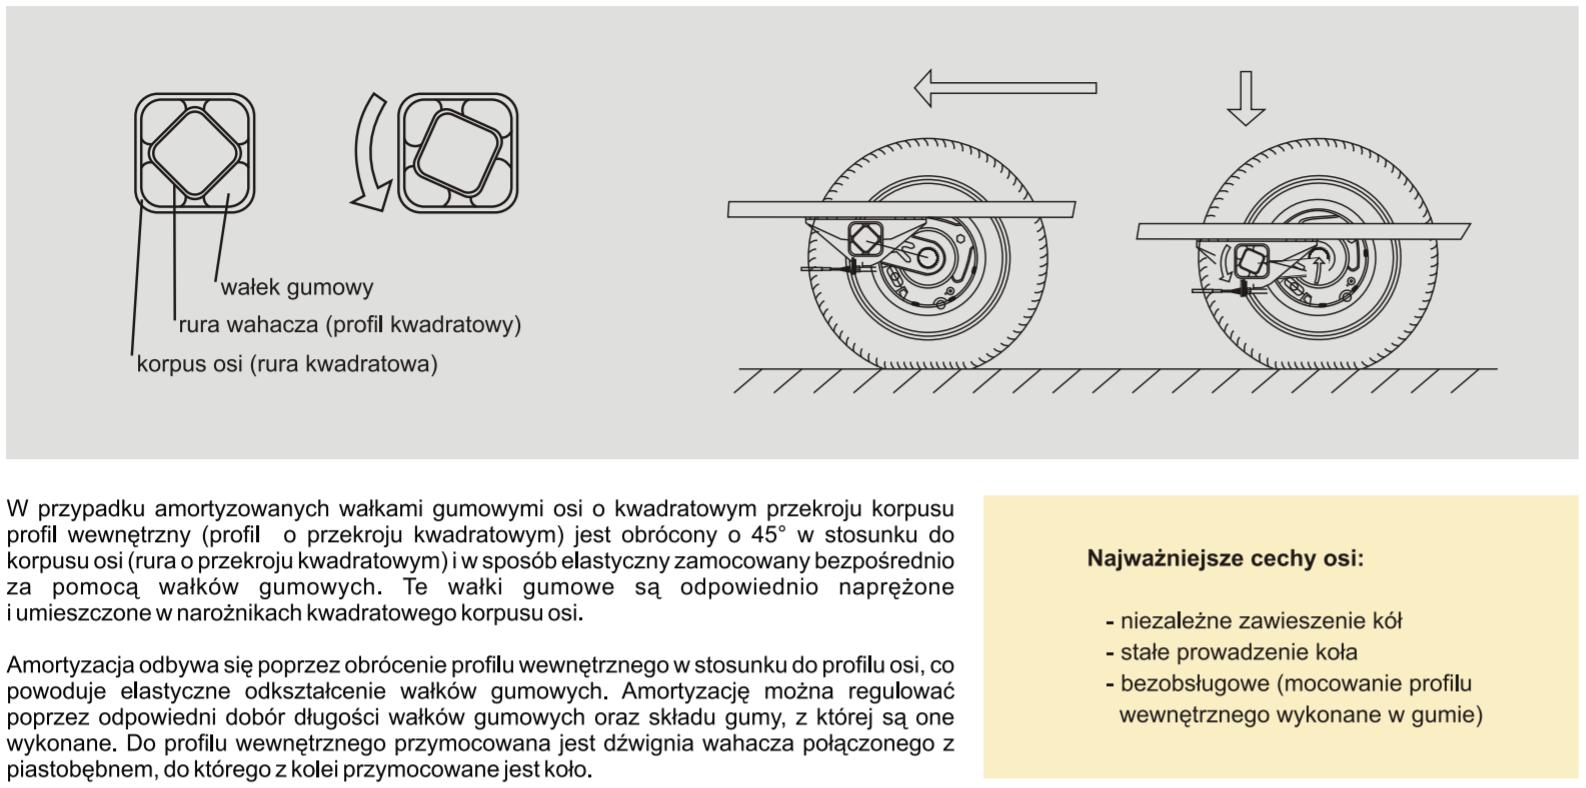 Zasada działania amortyzacji na wałkach gumowych w osiach o kwadratowym przekroju korpusu